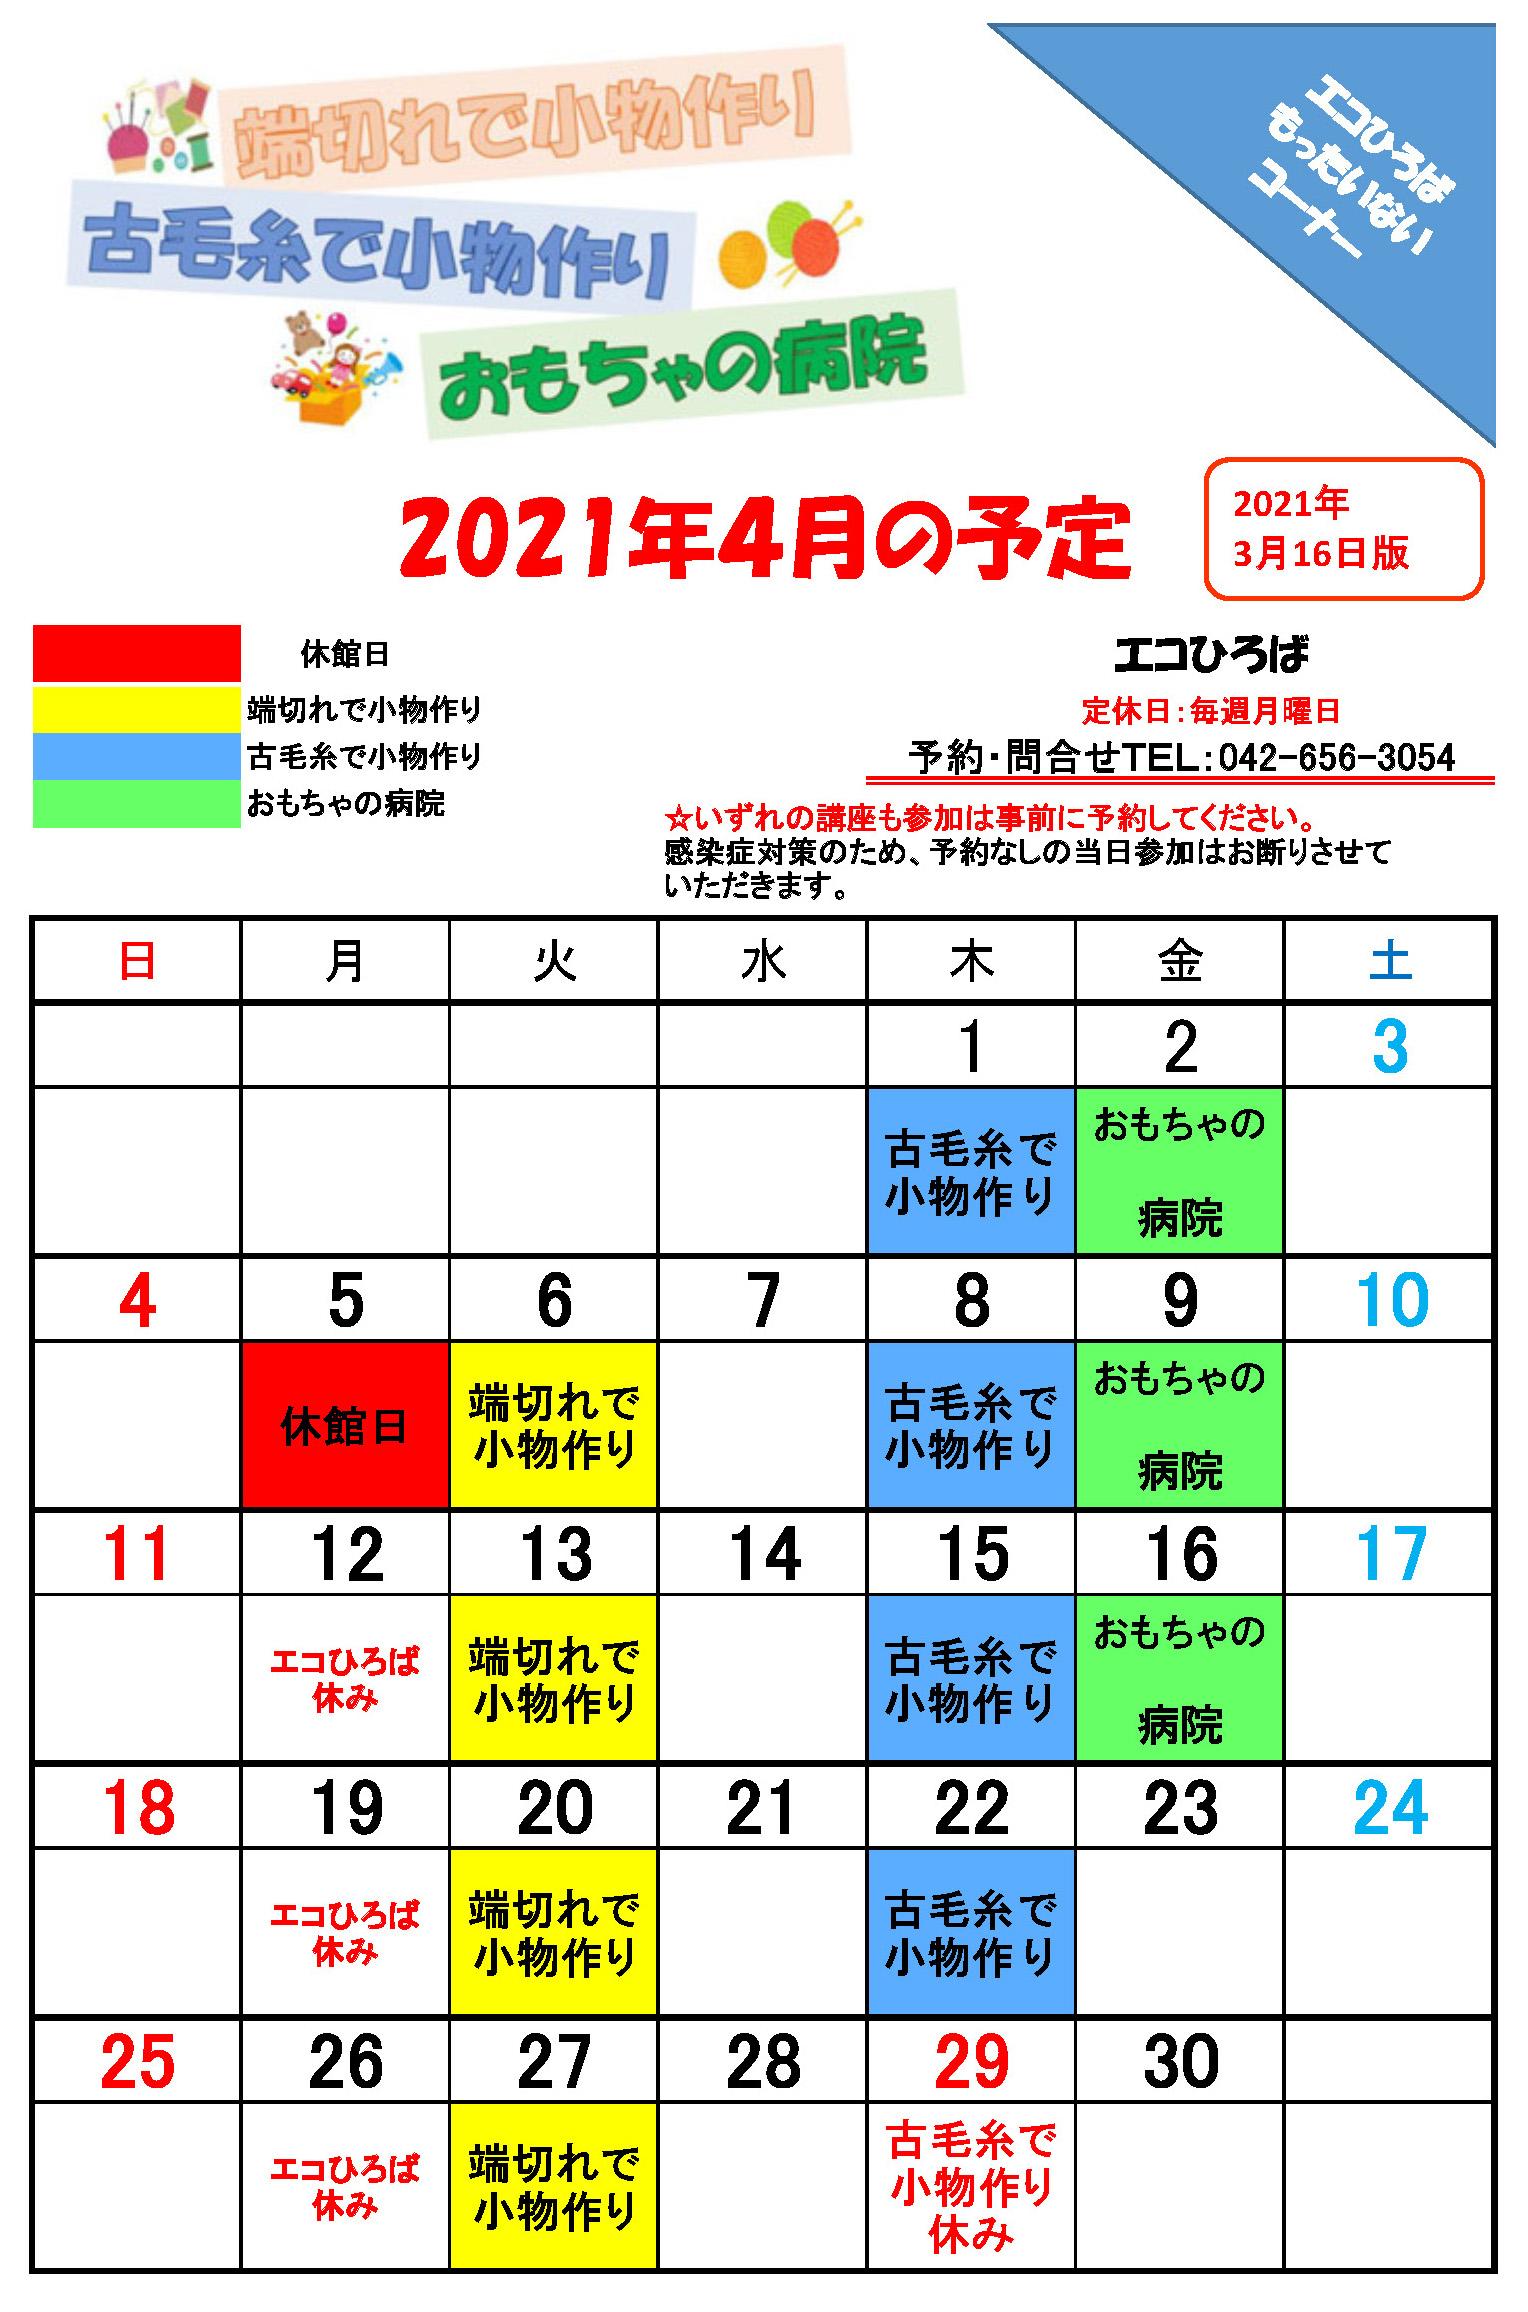 もったいないコーナー2021年4月予定表